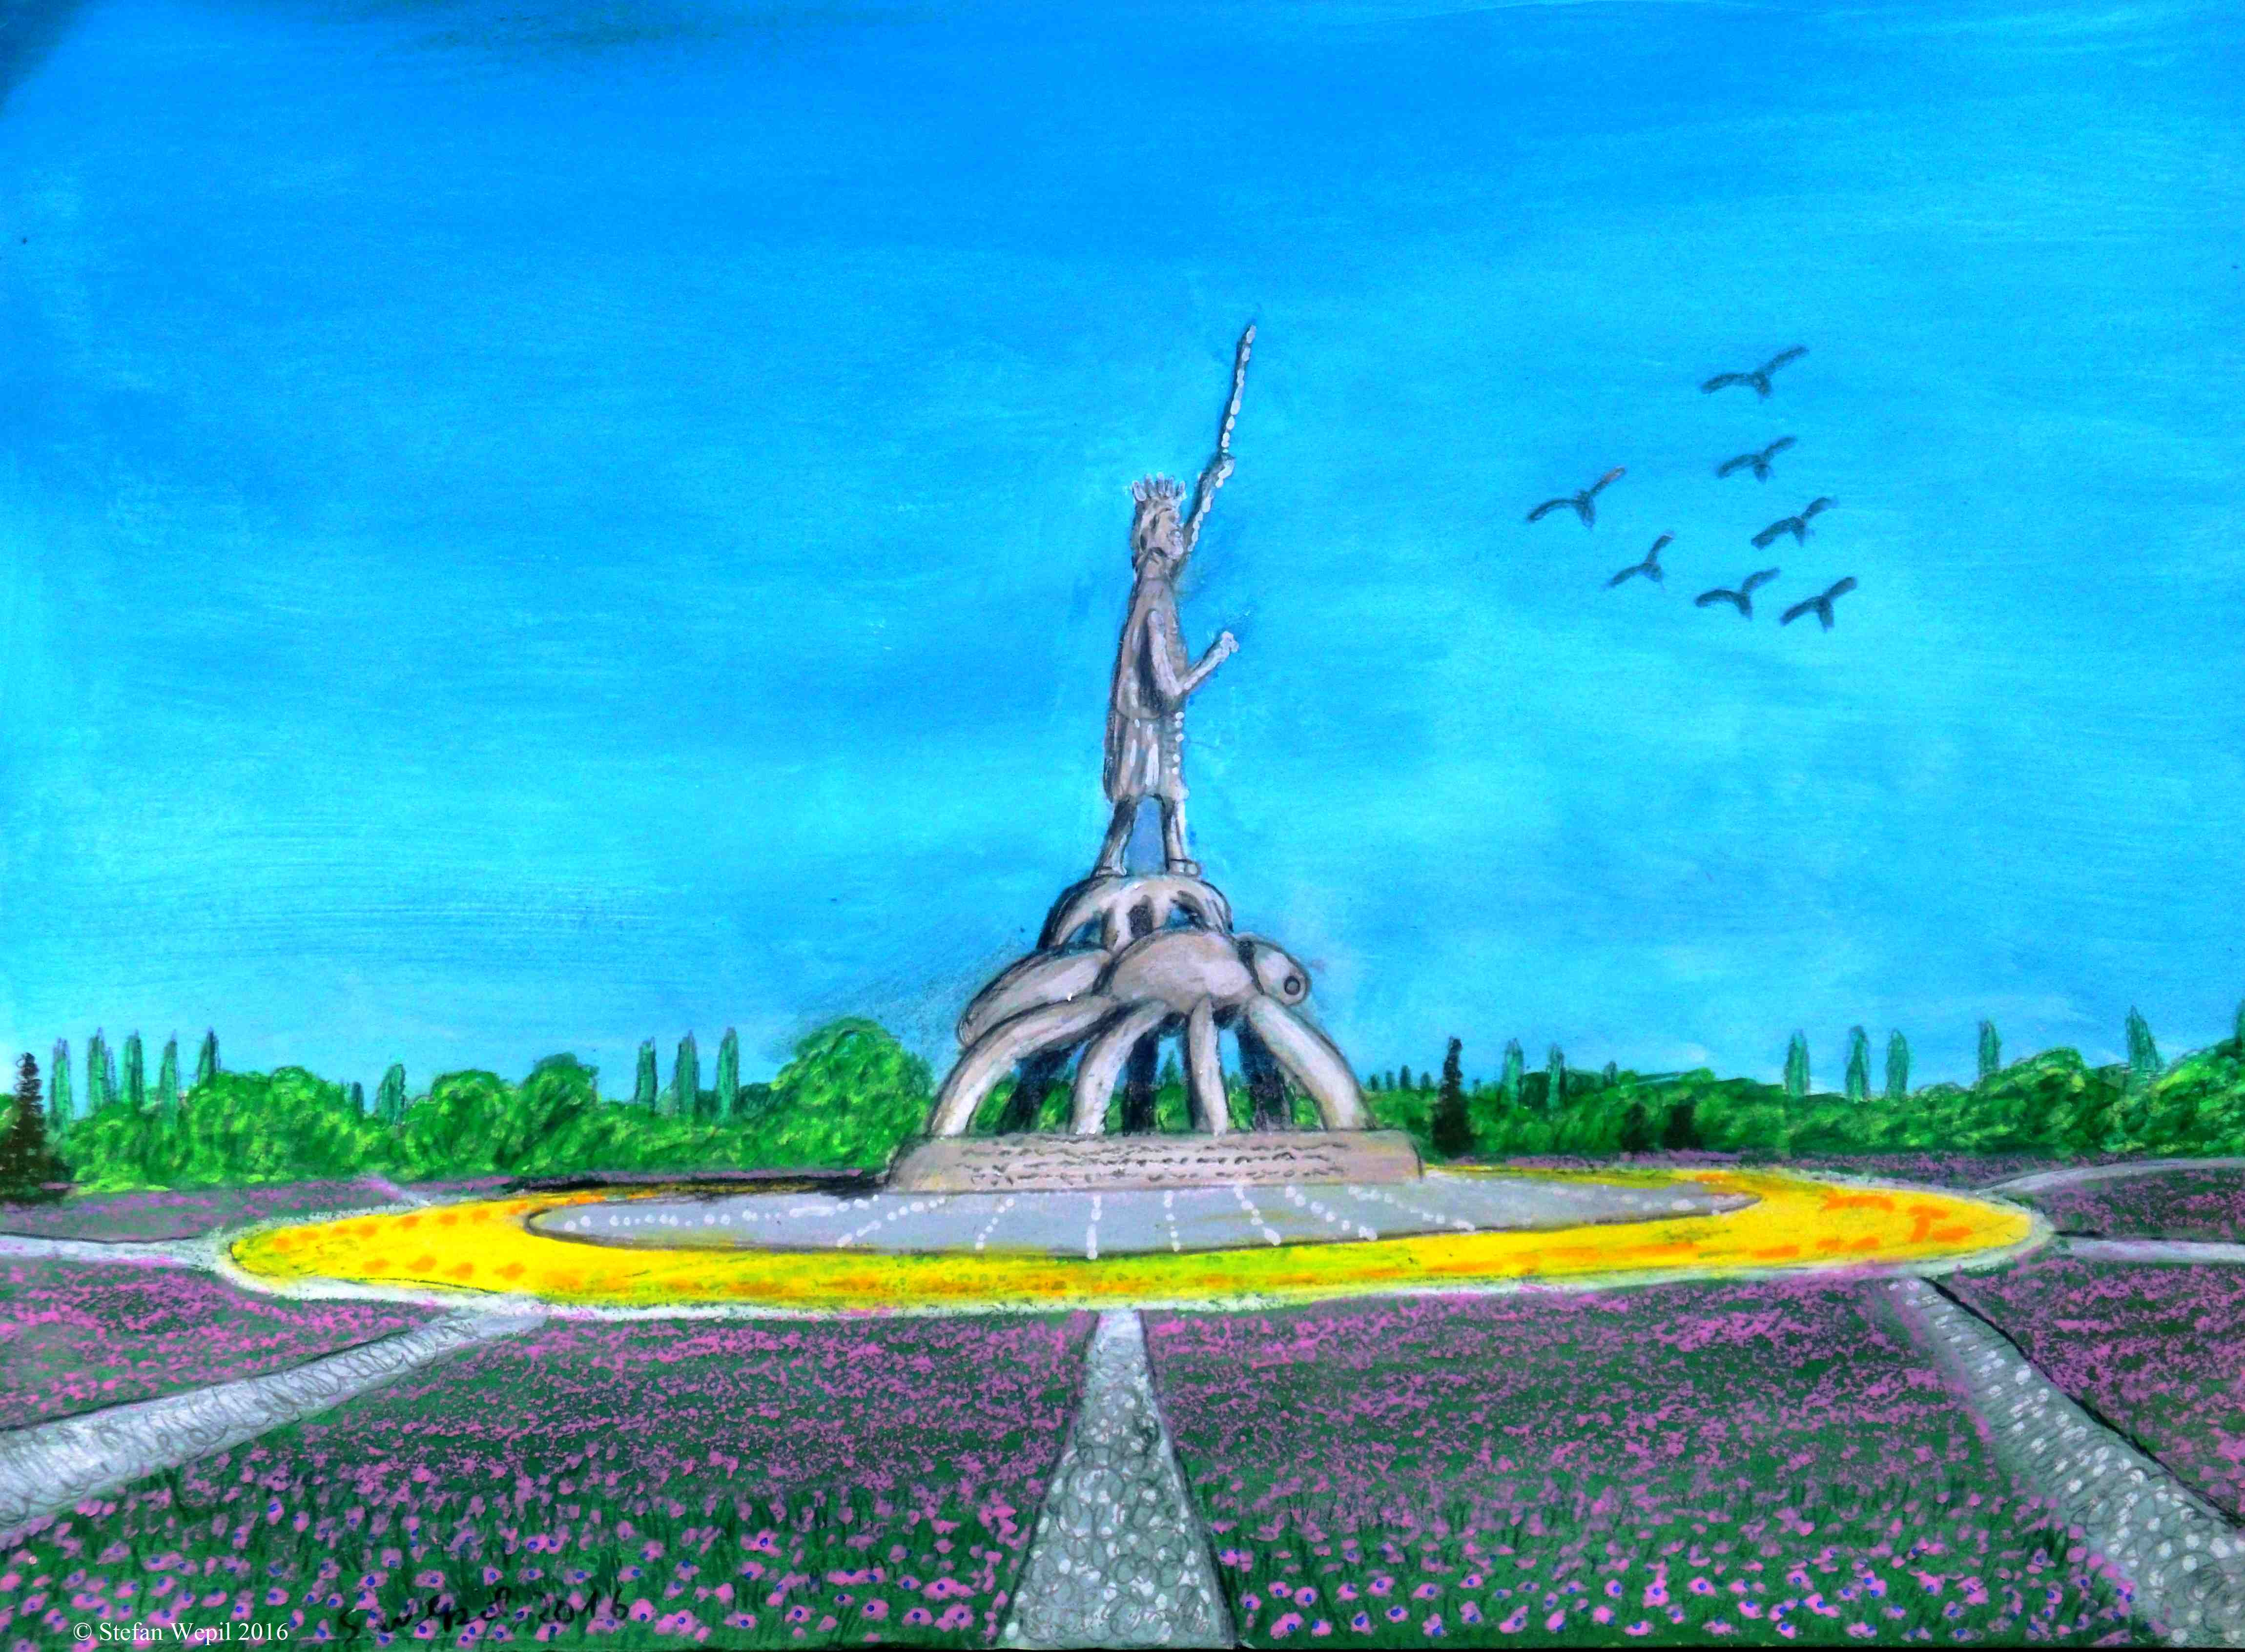 Ein Heldendenkmal in Dom auf dem Planeten Dorgon (C) Stefan Wepil